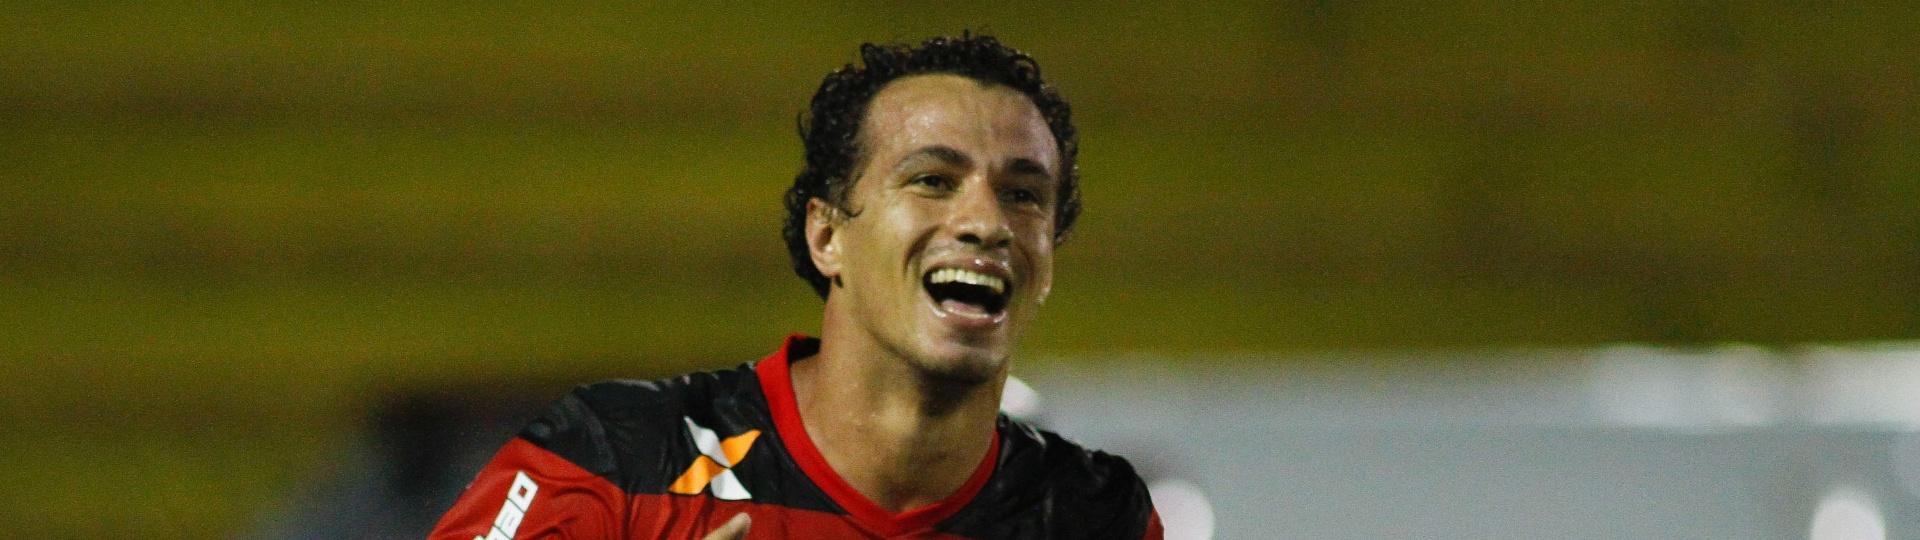 Leandro Damião marca para o Flamengo no duelo contra a Portuguesa-RJ